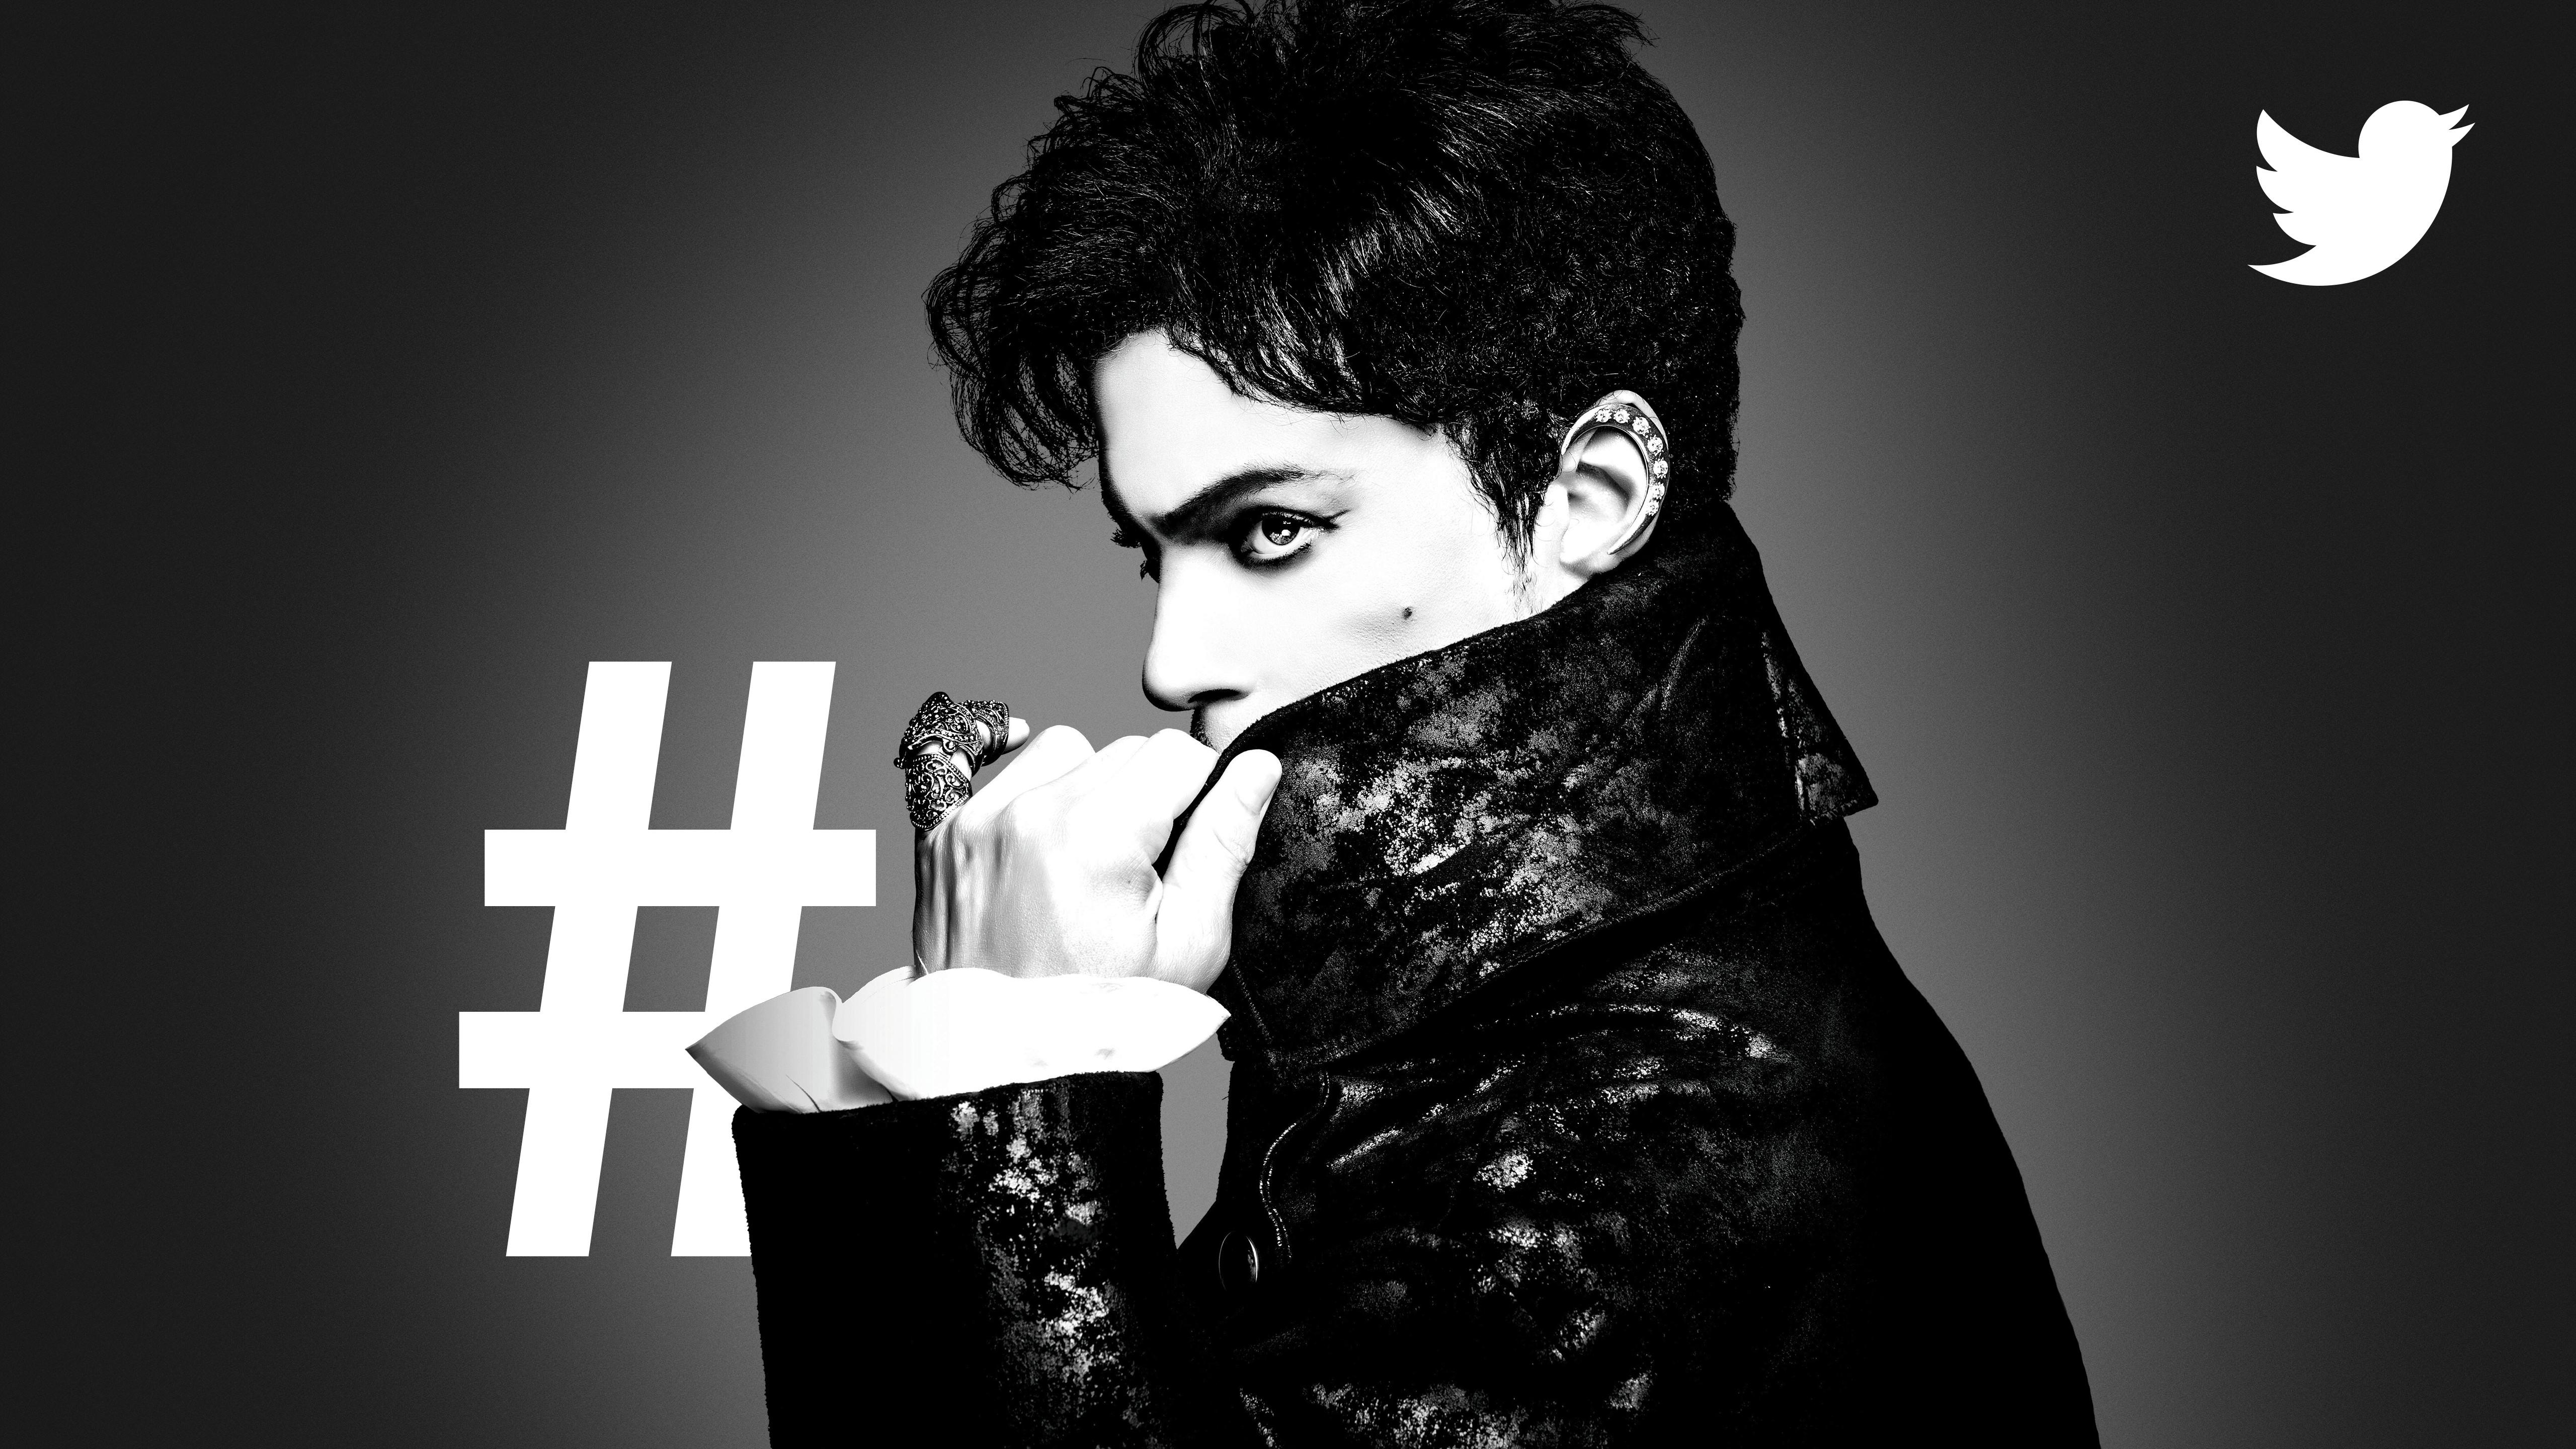 Image for Prince